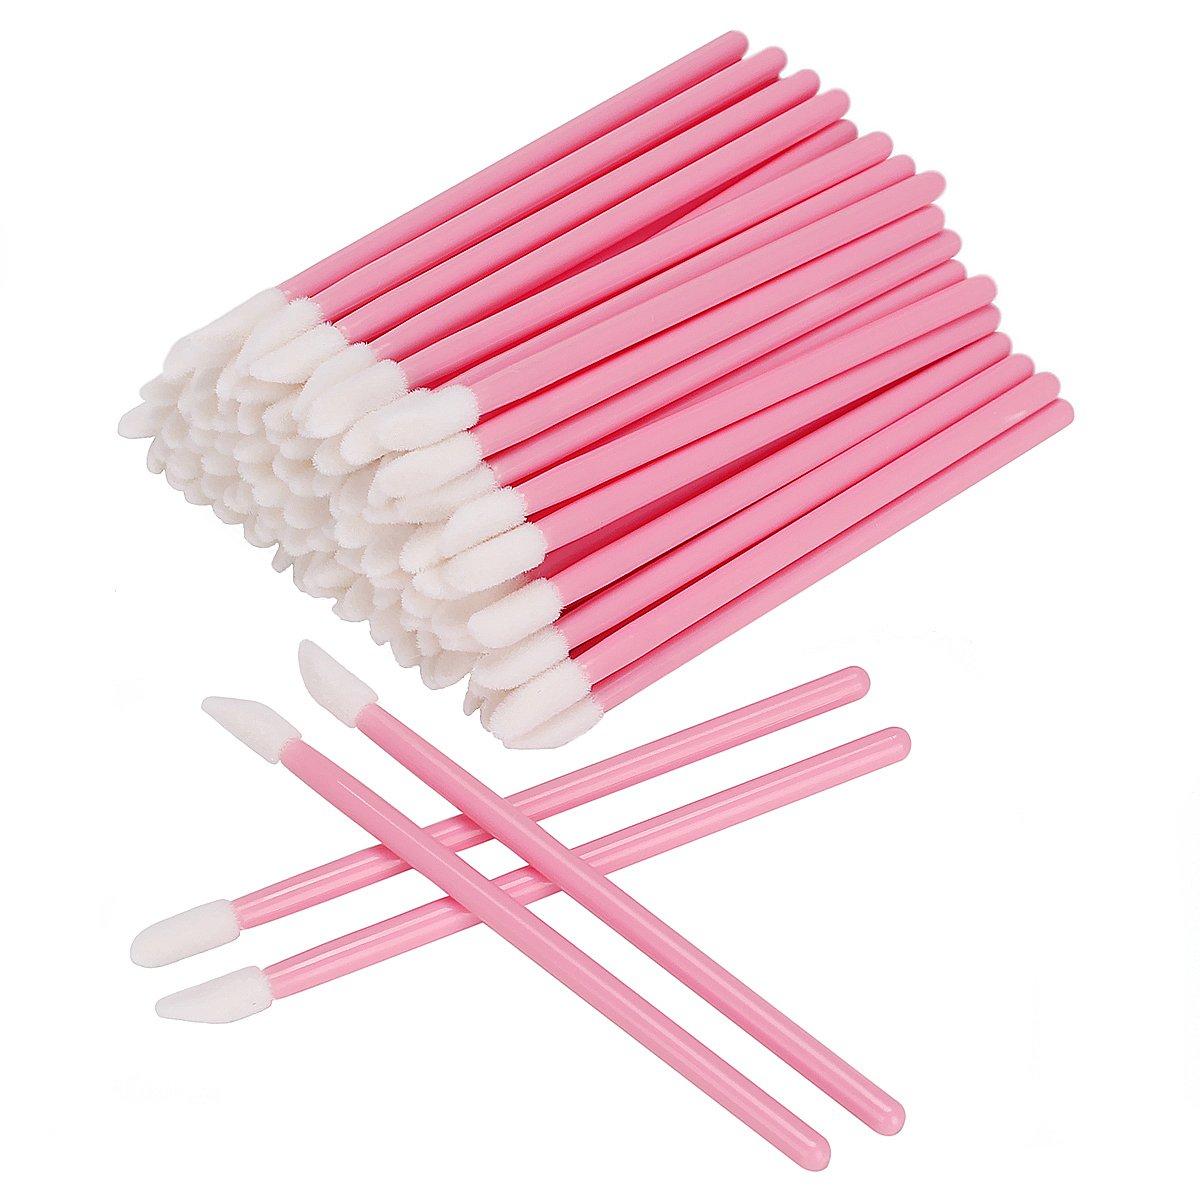 50/100 шт одноразовые макияж кисть для губной помады тушь для ресниц палочки аппликаторы для ресниц тени, блеск для губ кисти косметические ин...